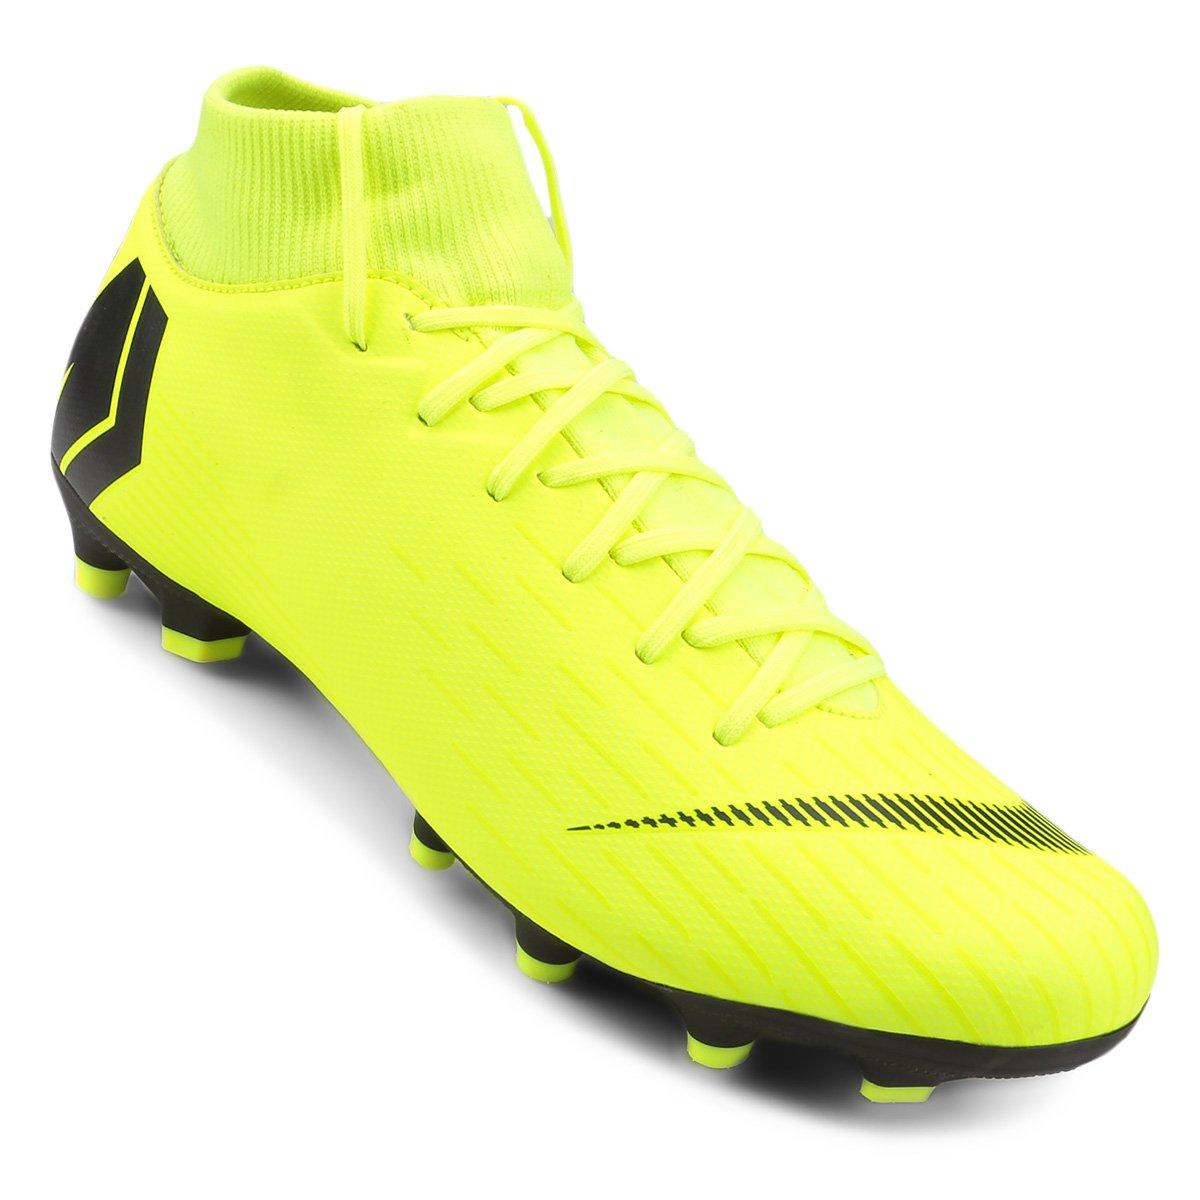 069bdfbb6e Chuteira Campo Nike Mercurial Superfly 6 Academy - Amarelo e Preto - Compre  Agora